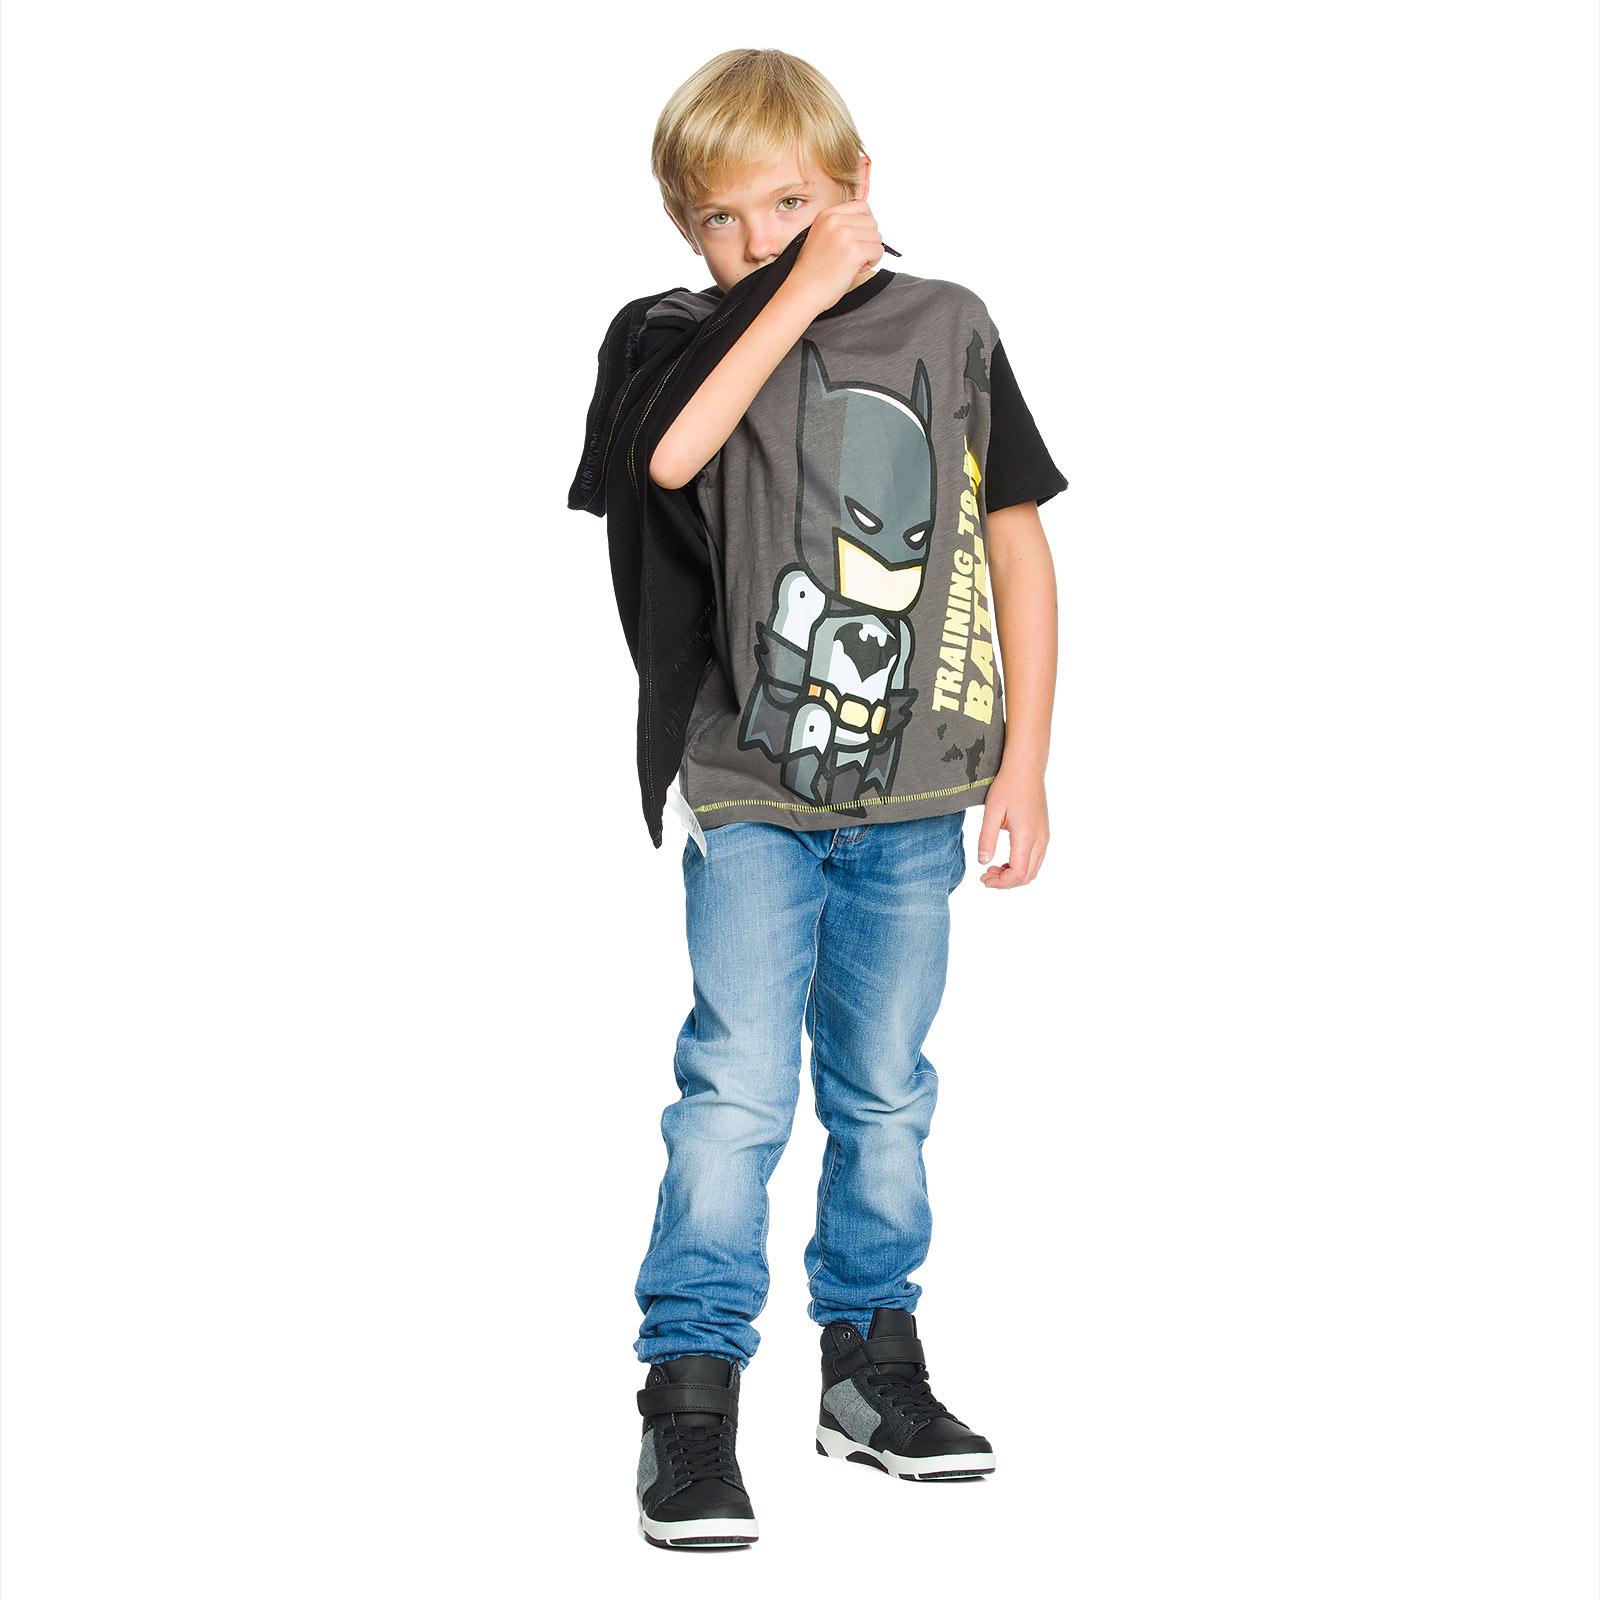 Batman - Kinder T-Shirt mit Cape schwarz